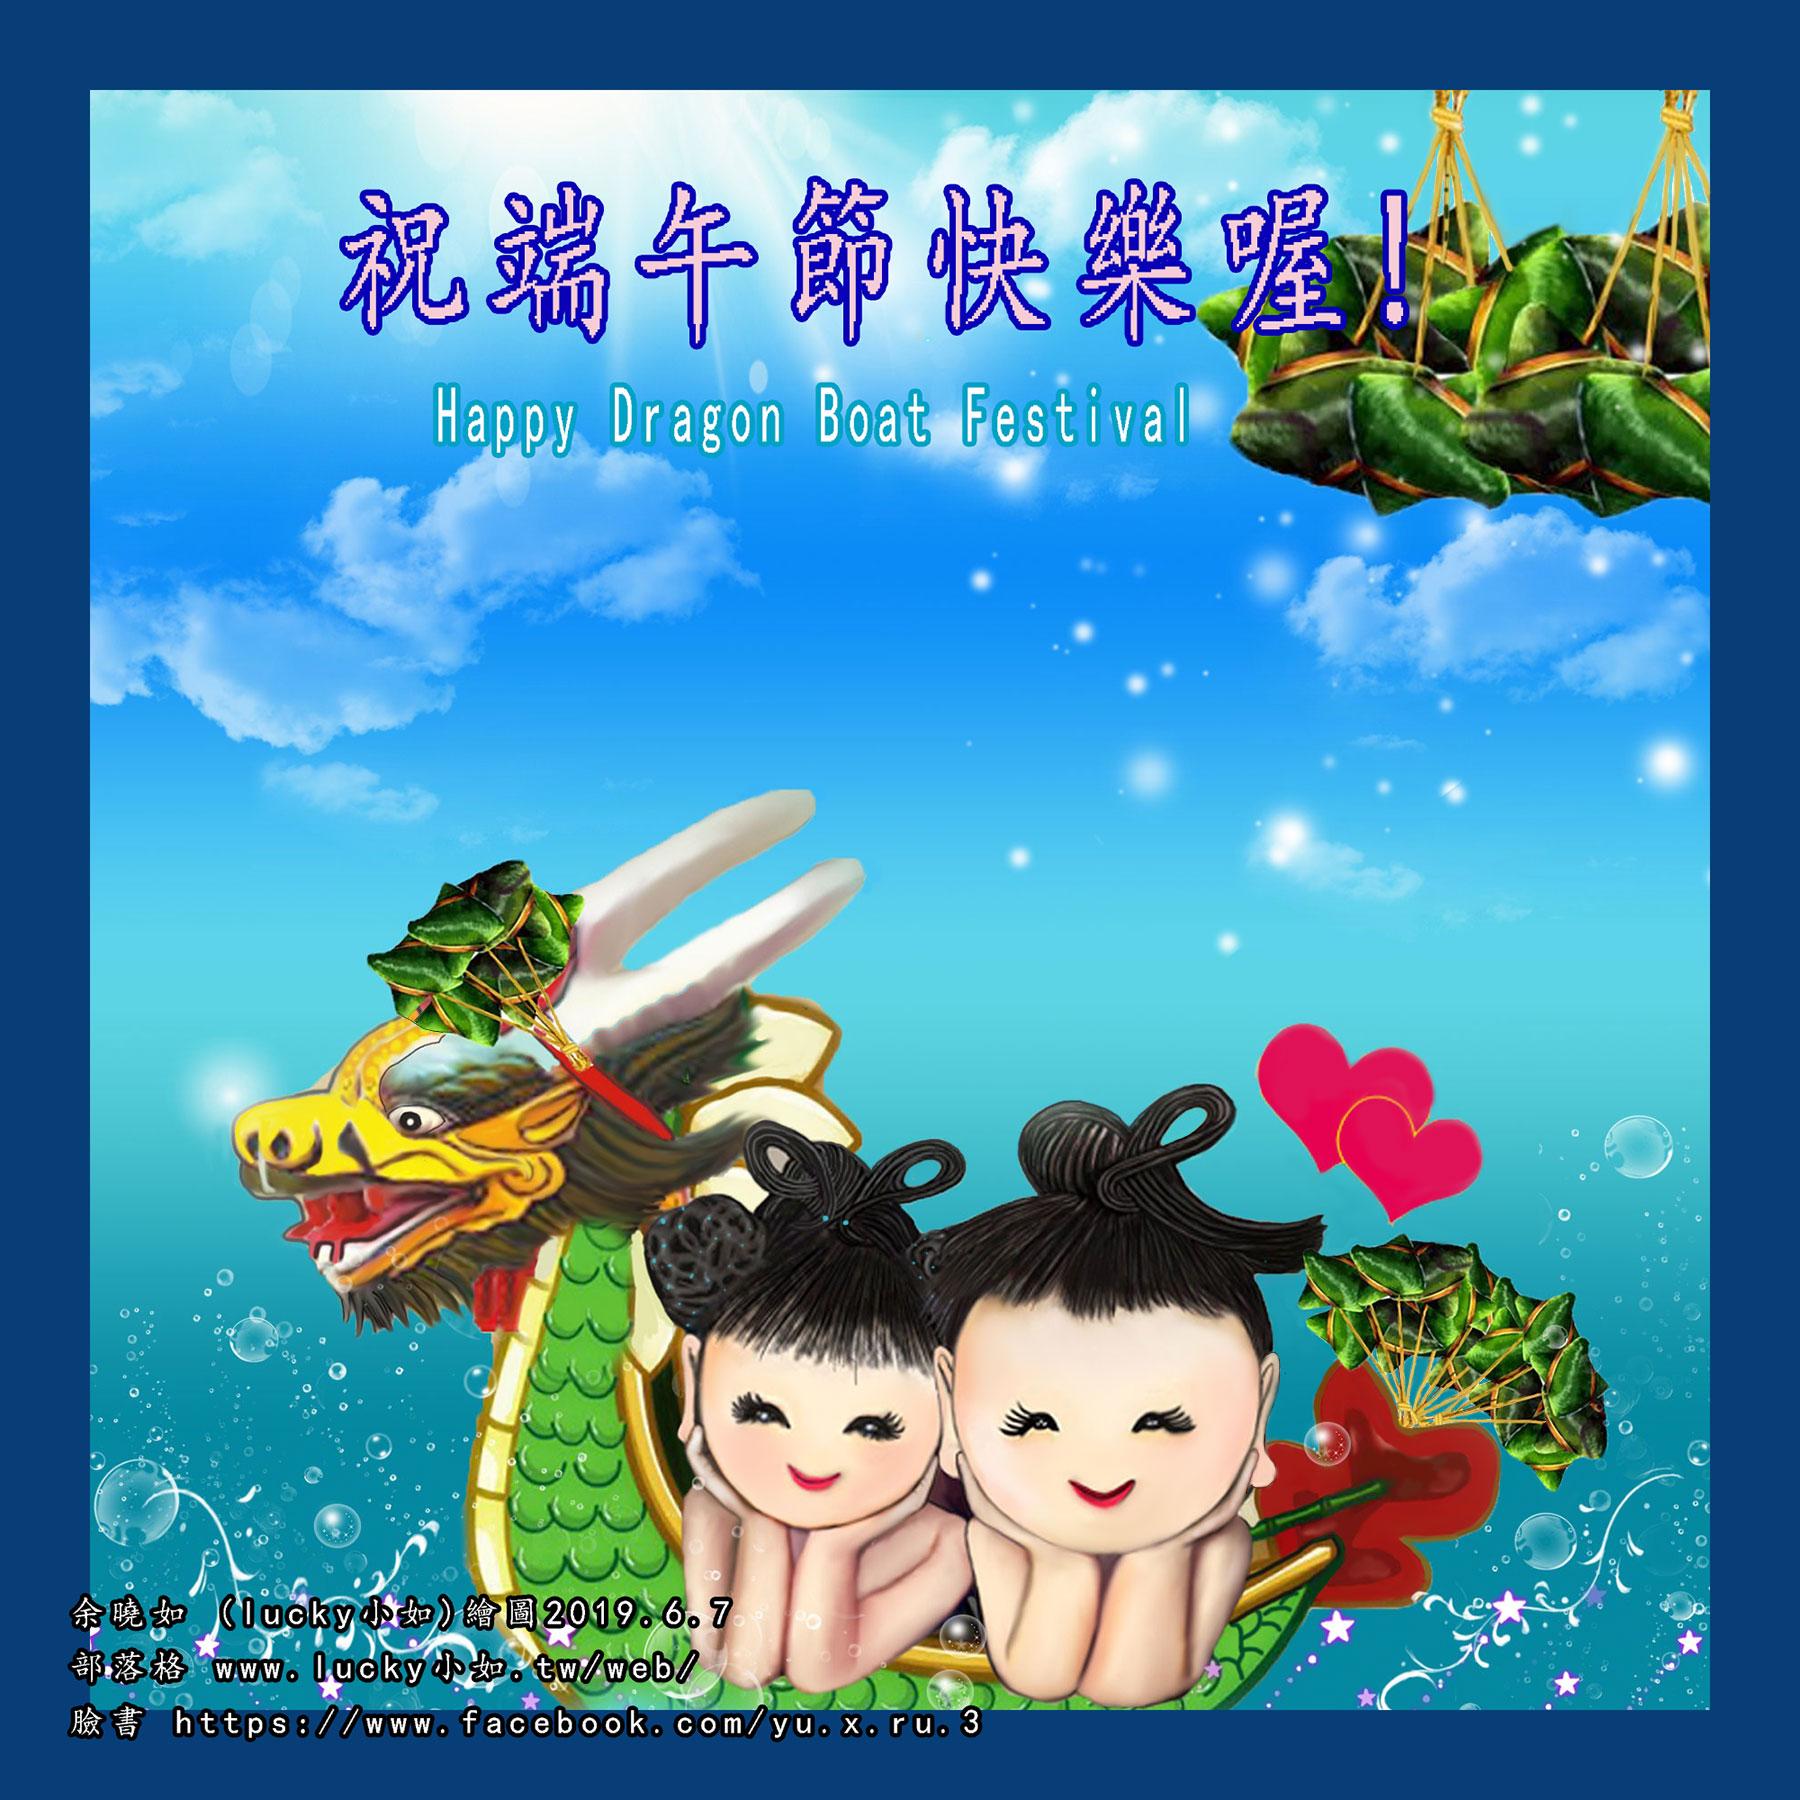 恭祝大家 端午節快樂喔 ! Happy Dragon Boat Festival